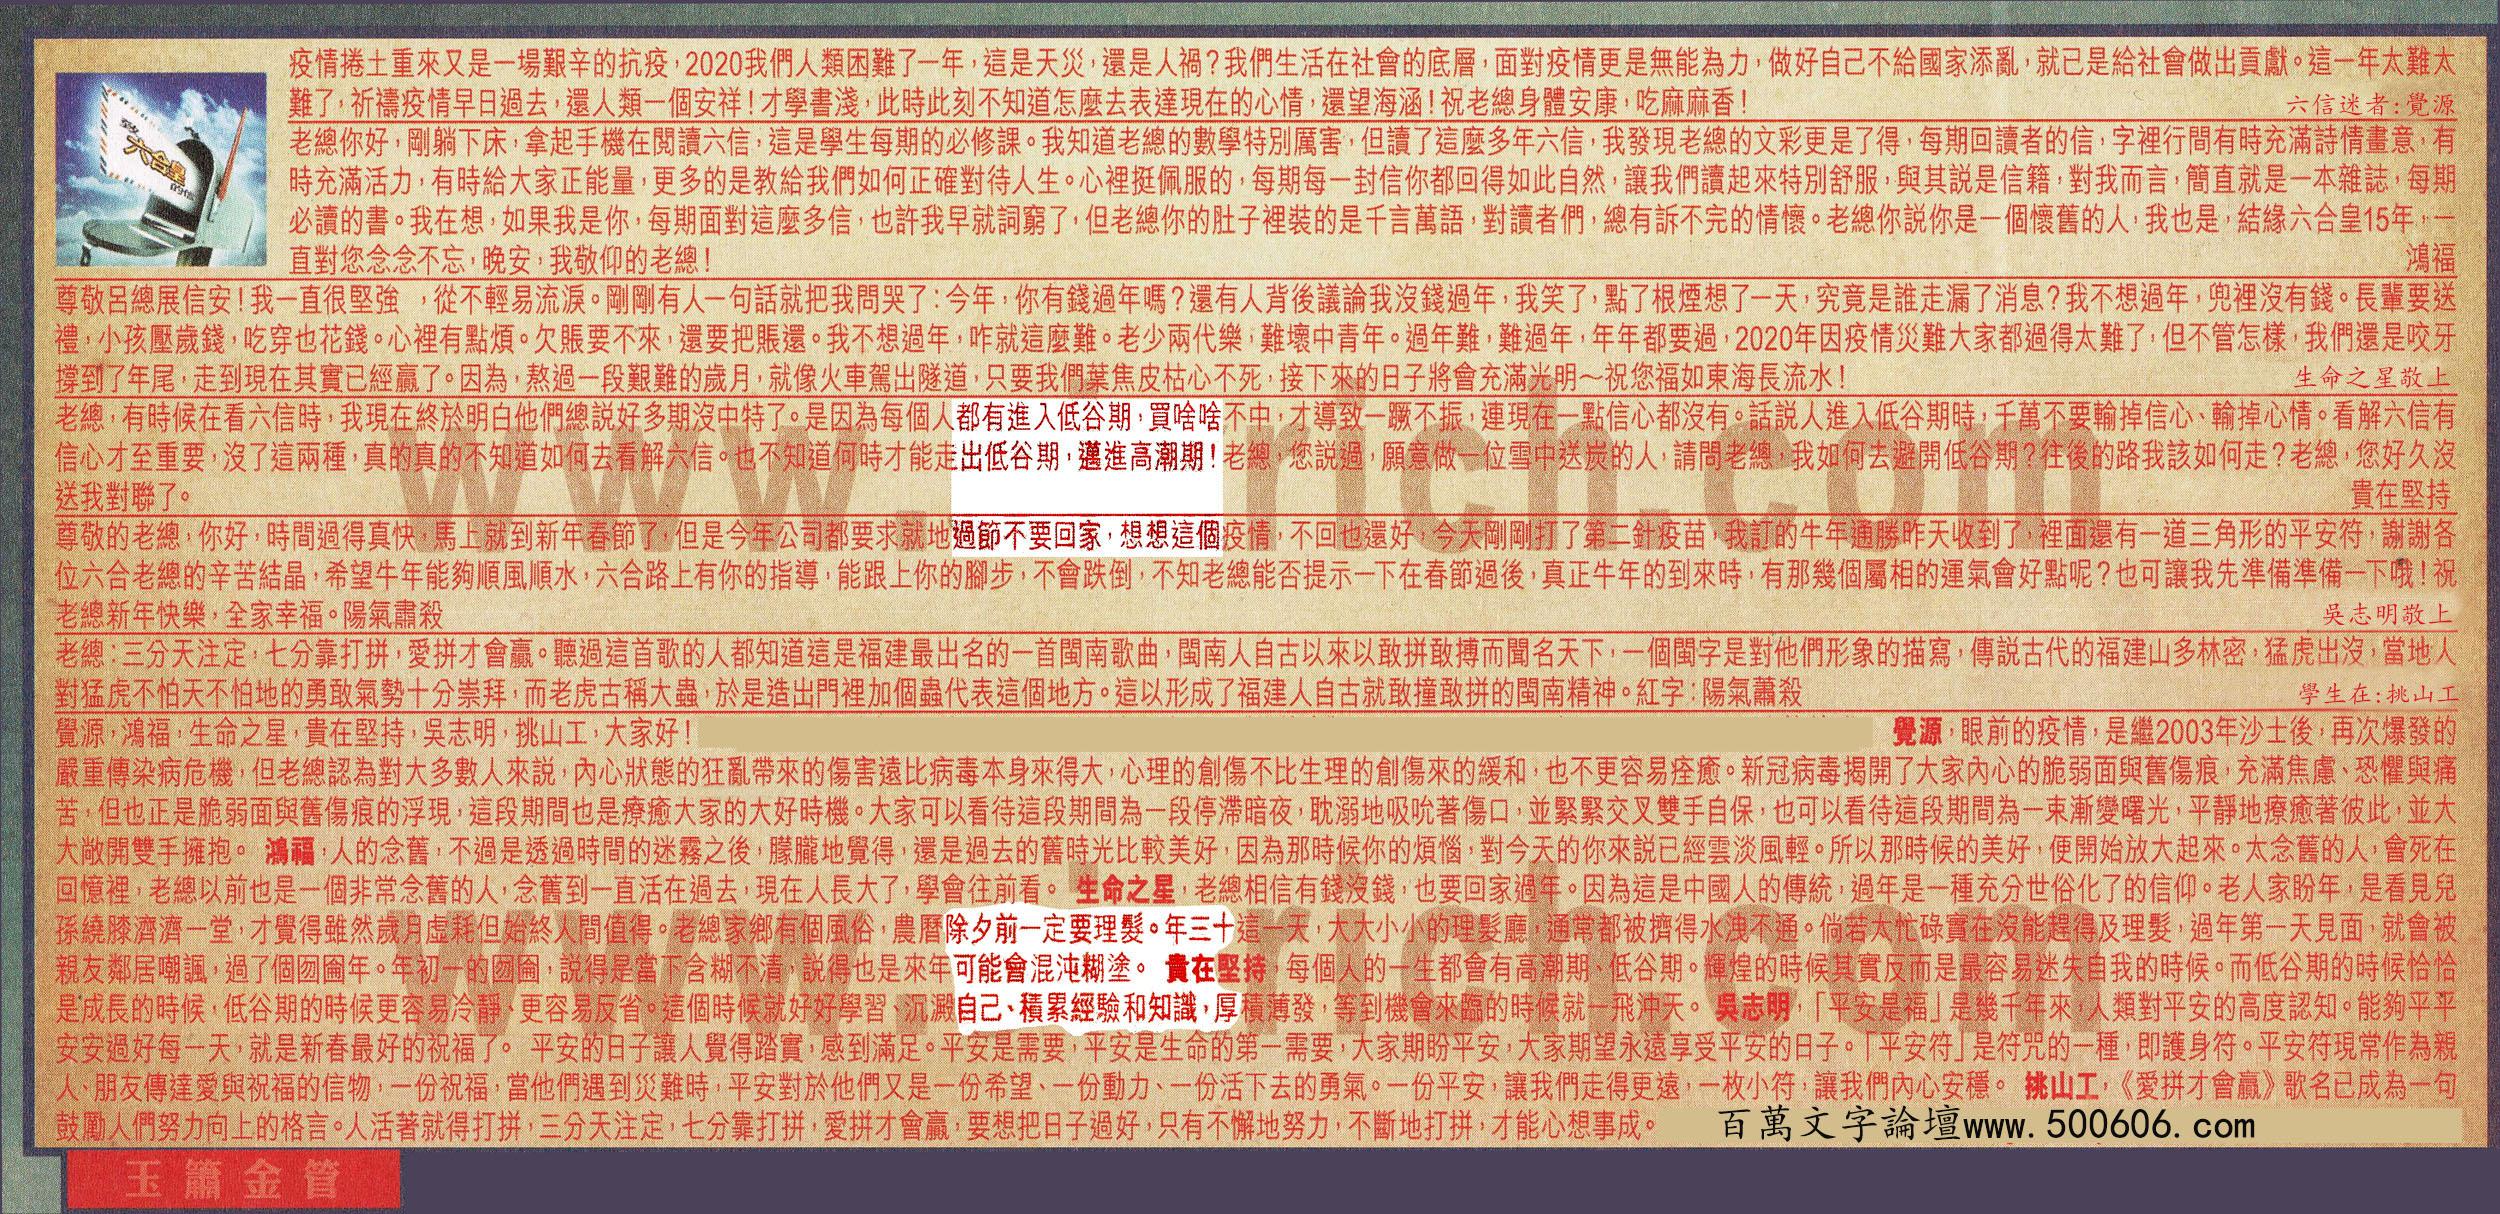 009期:彩民推荐六合皇信箱(�t字:玉�金管)_009期开奖结果:10-46-31-02-35-30-T03狗/蓝/木